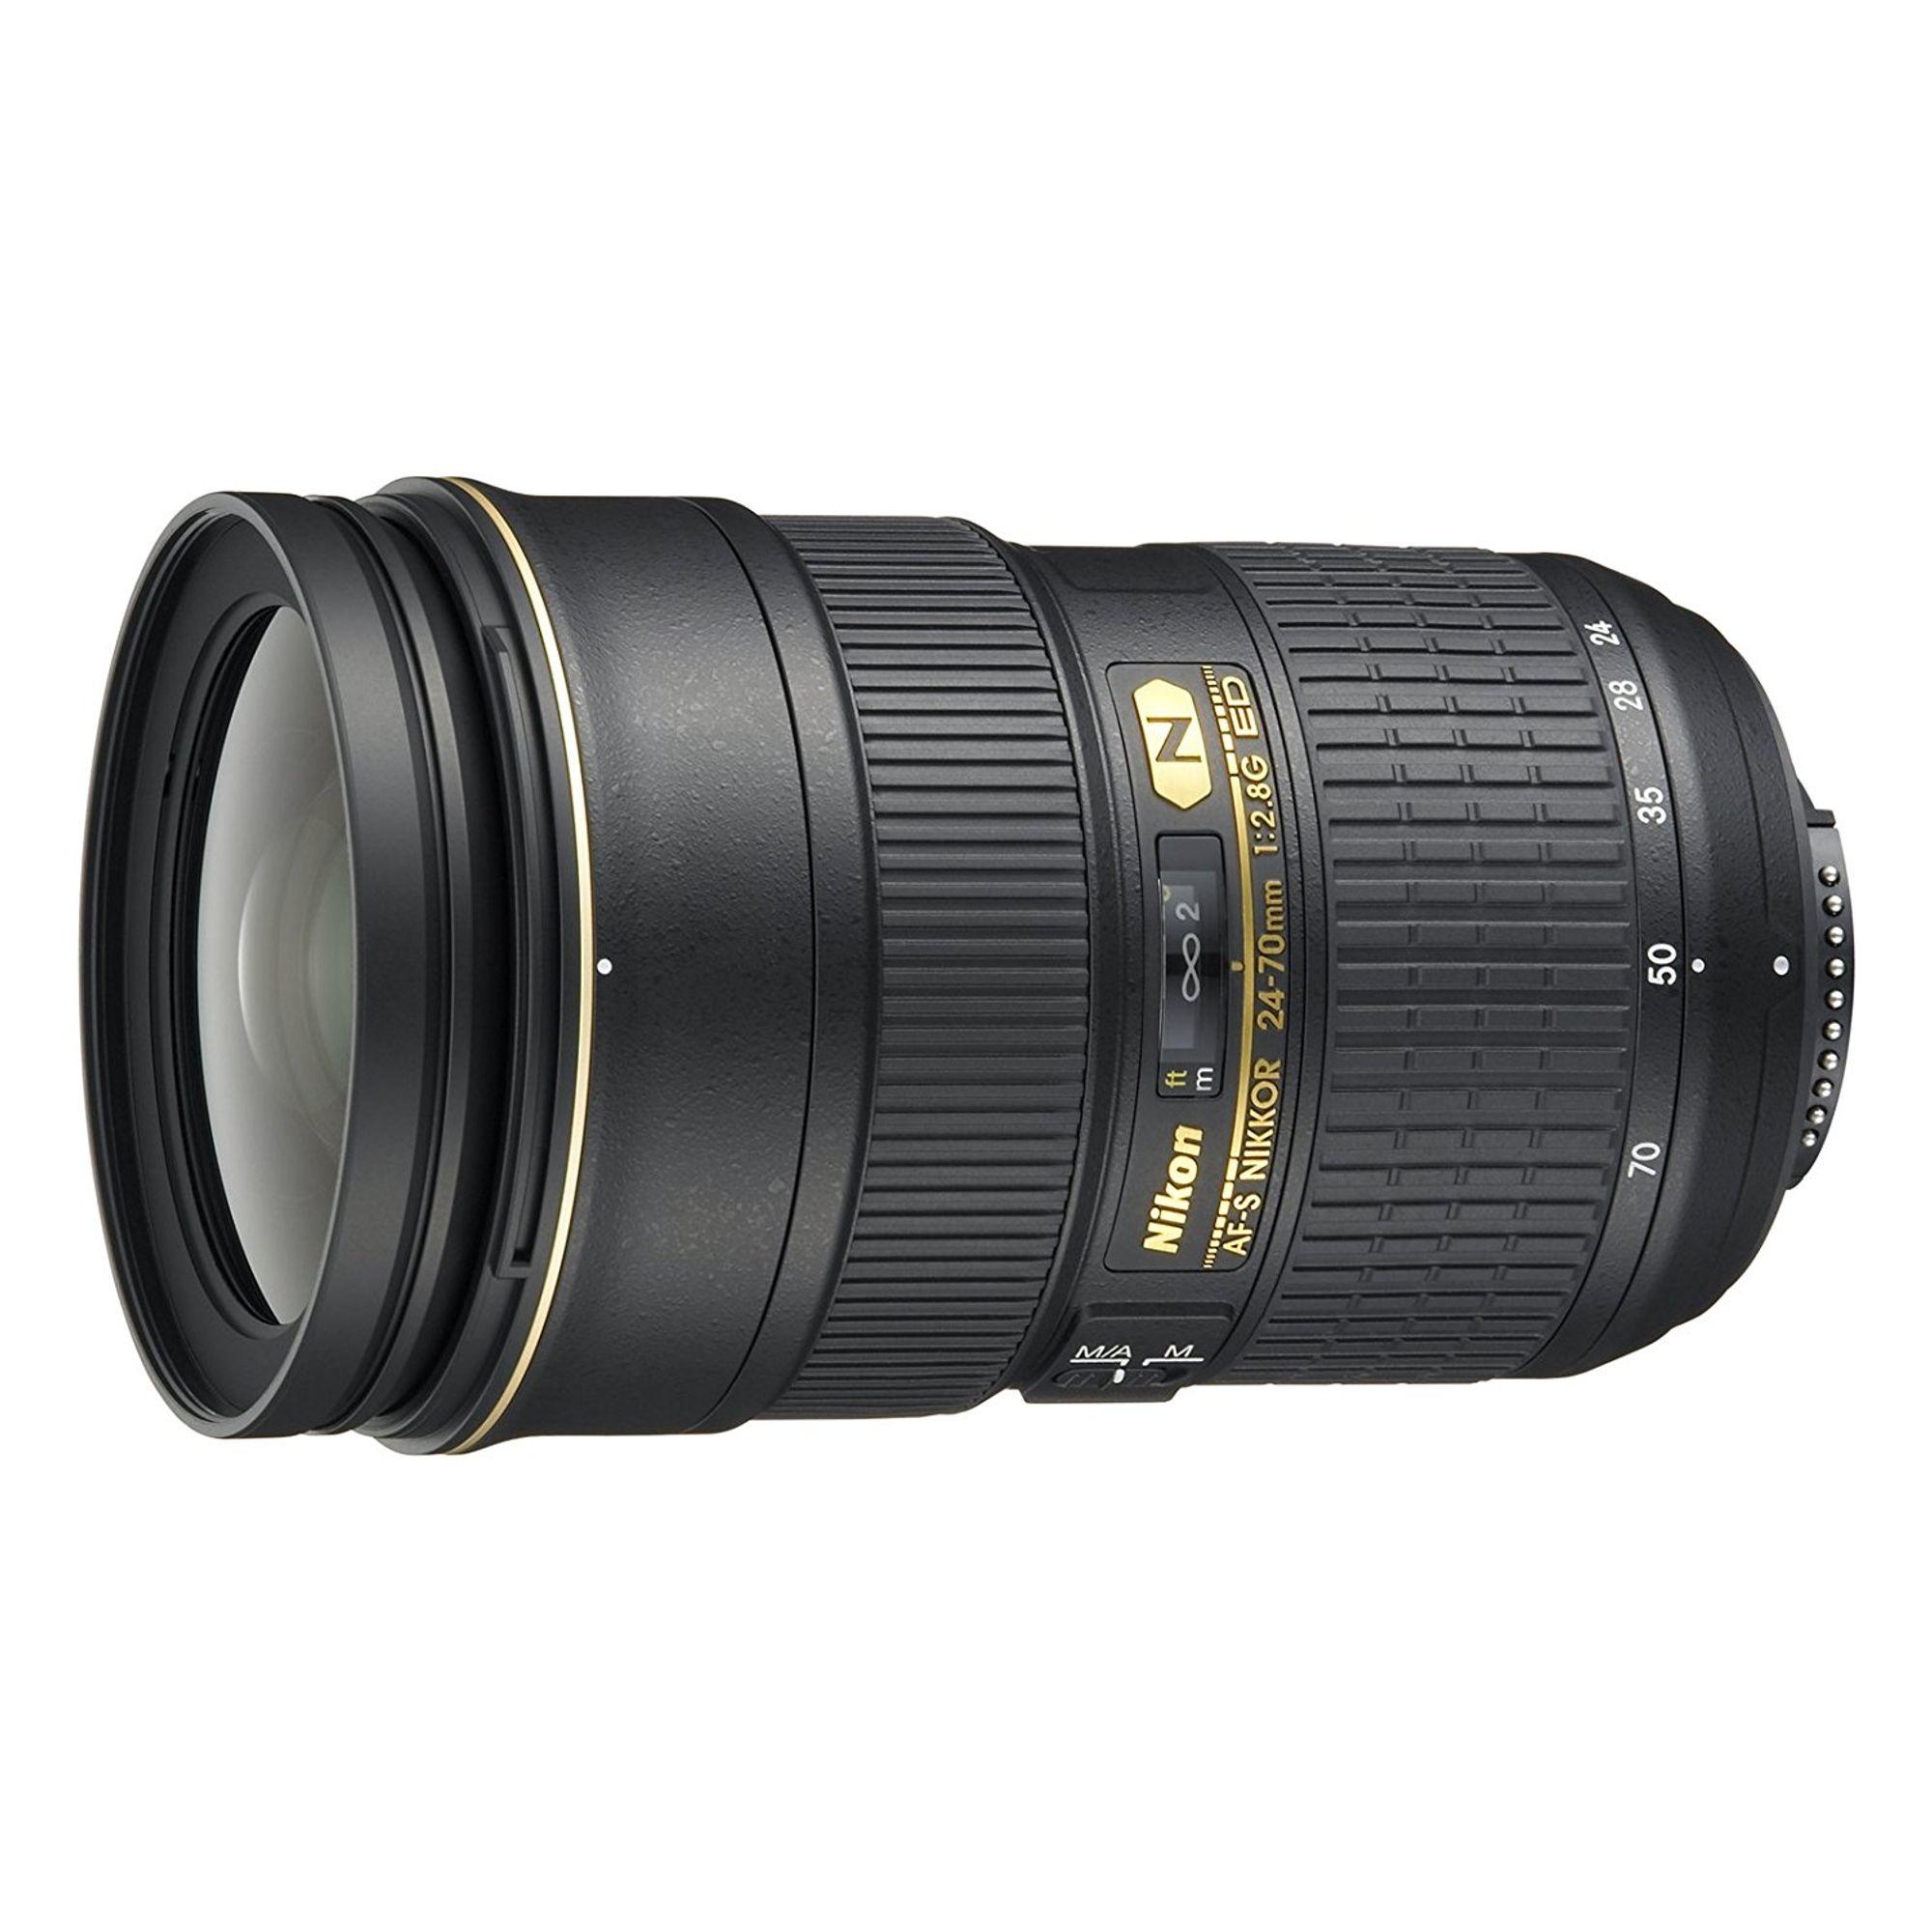 Nikon Af S Nikkor 24 70mm F28g Ed F64 Studio